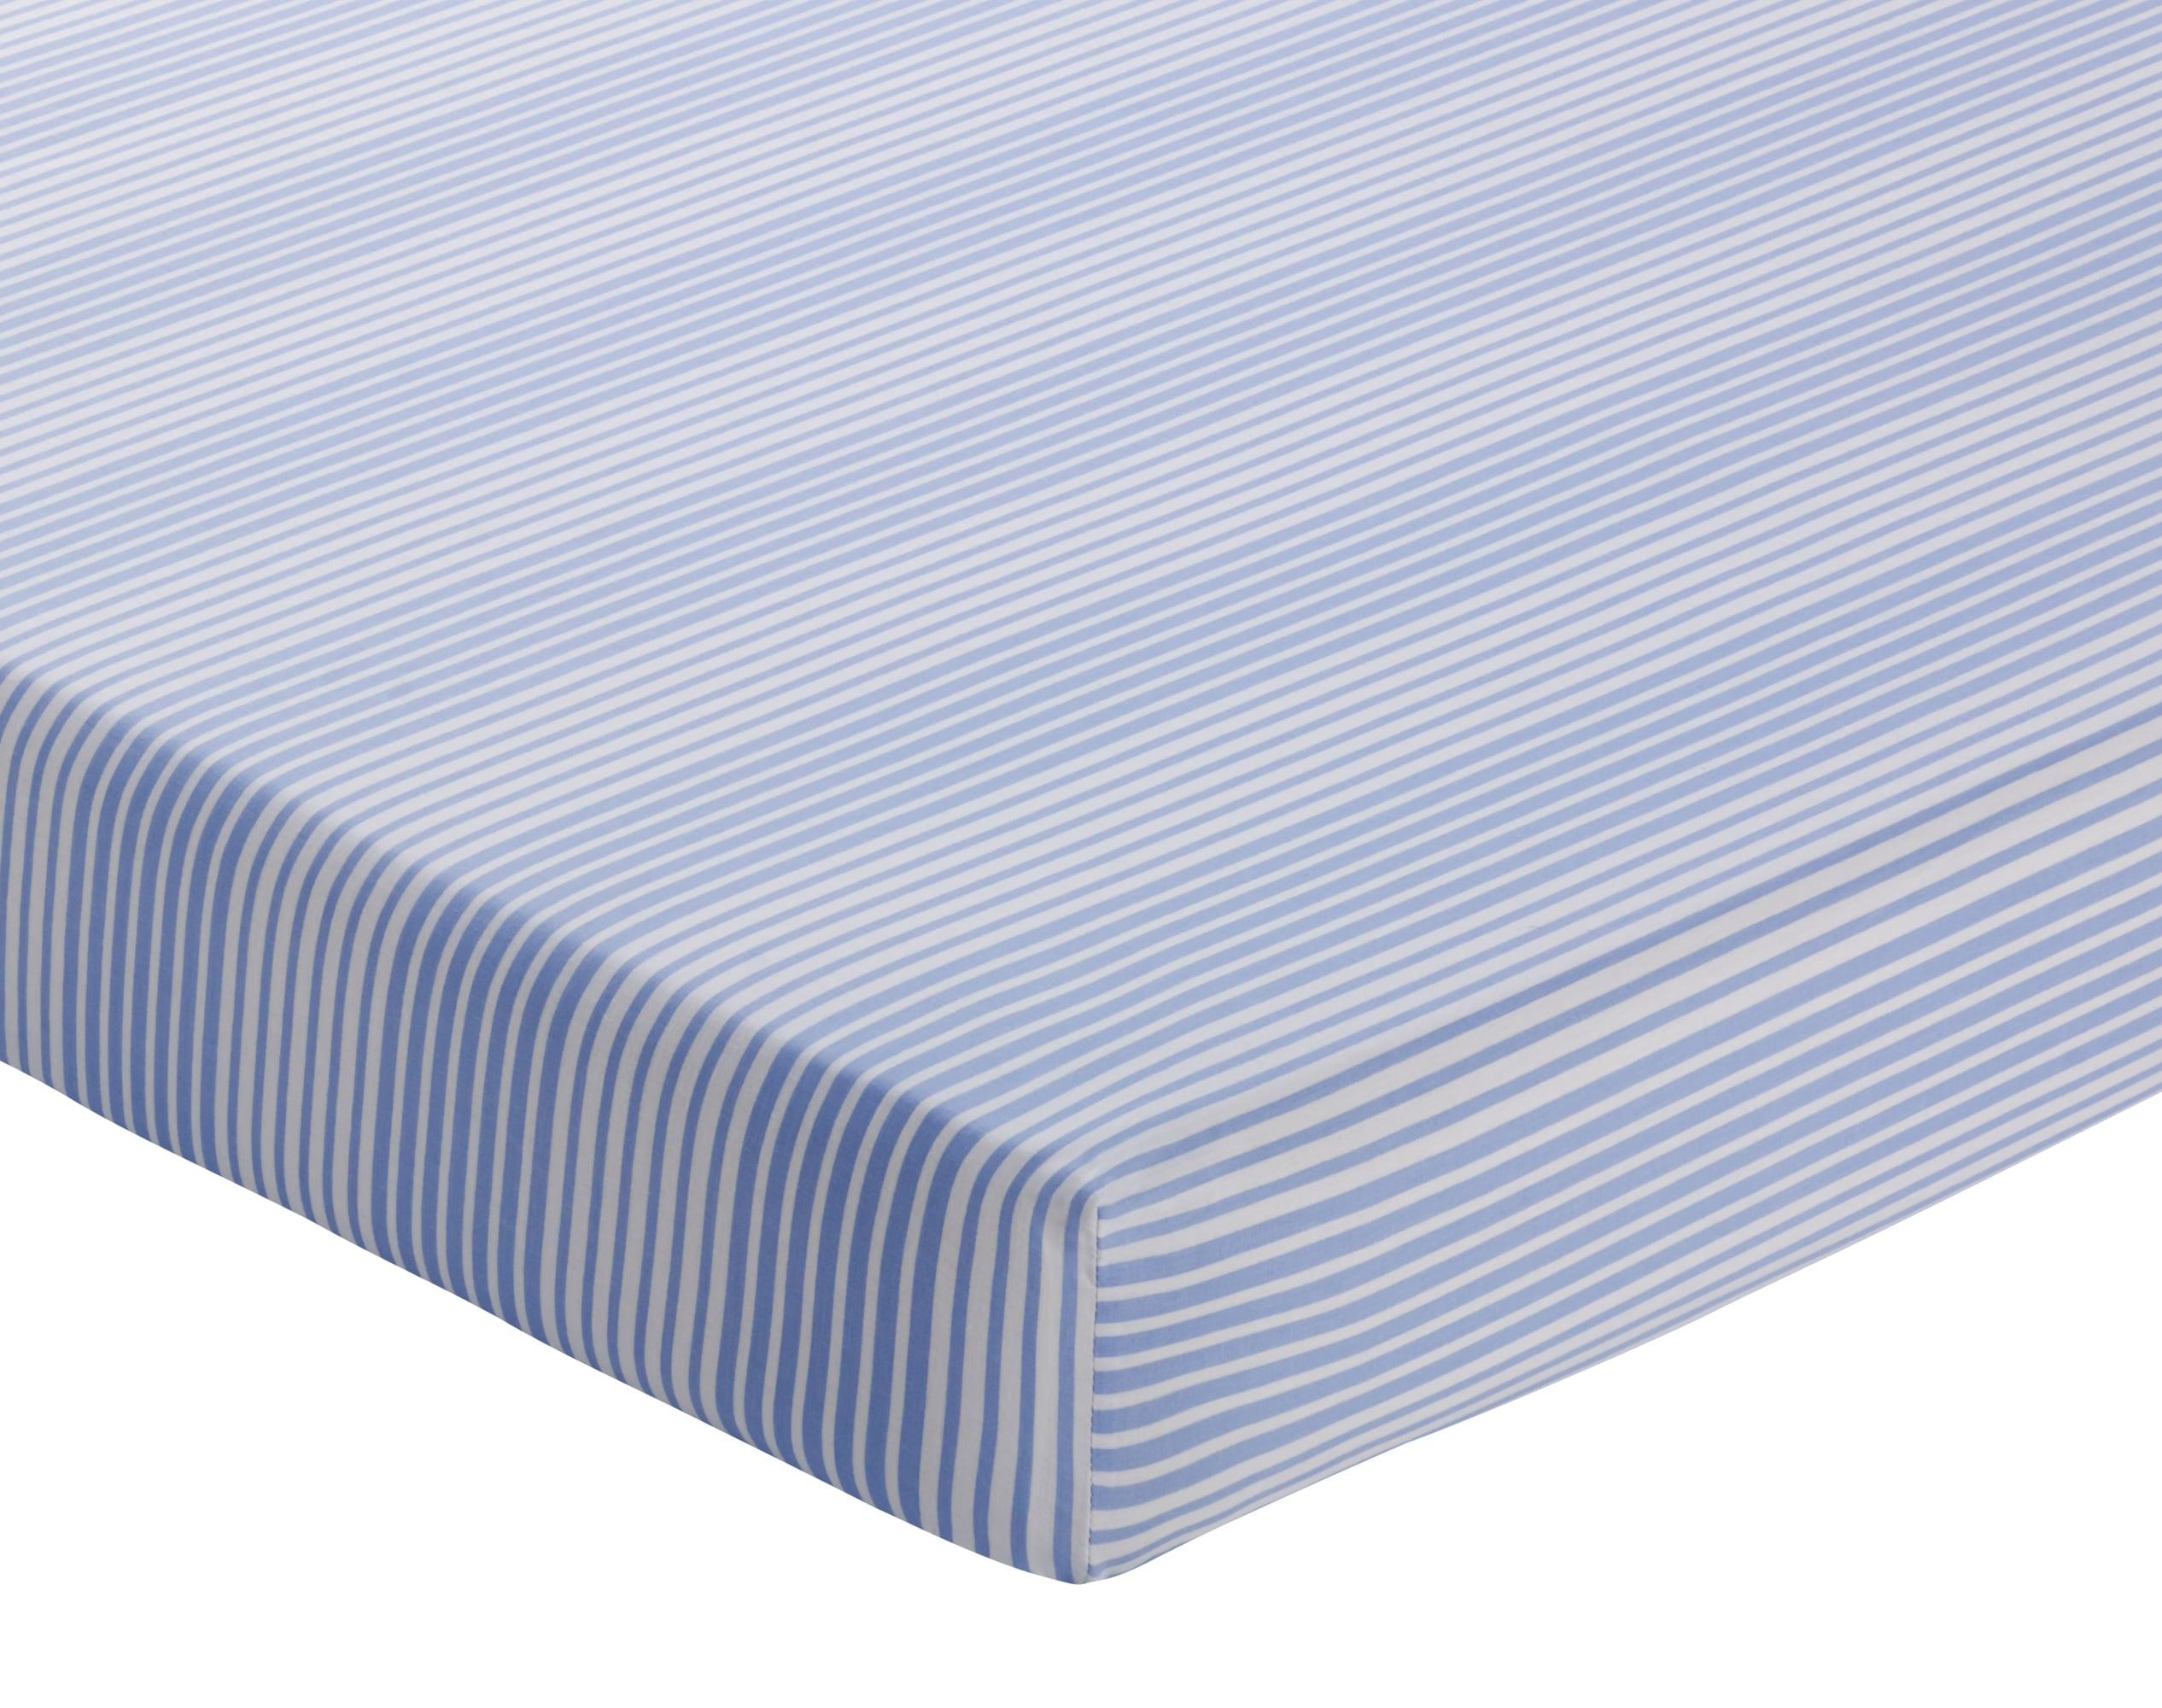 Drap-housse 160x200 en coton bleu